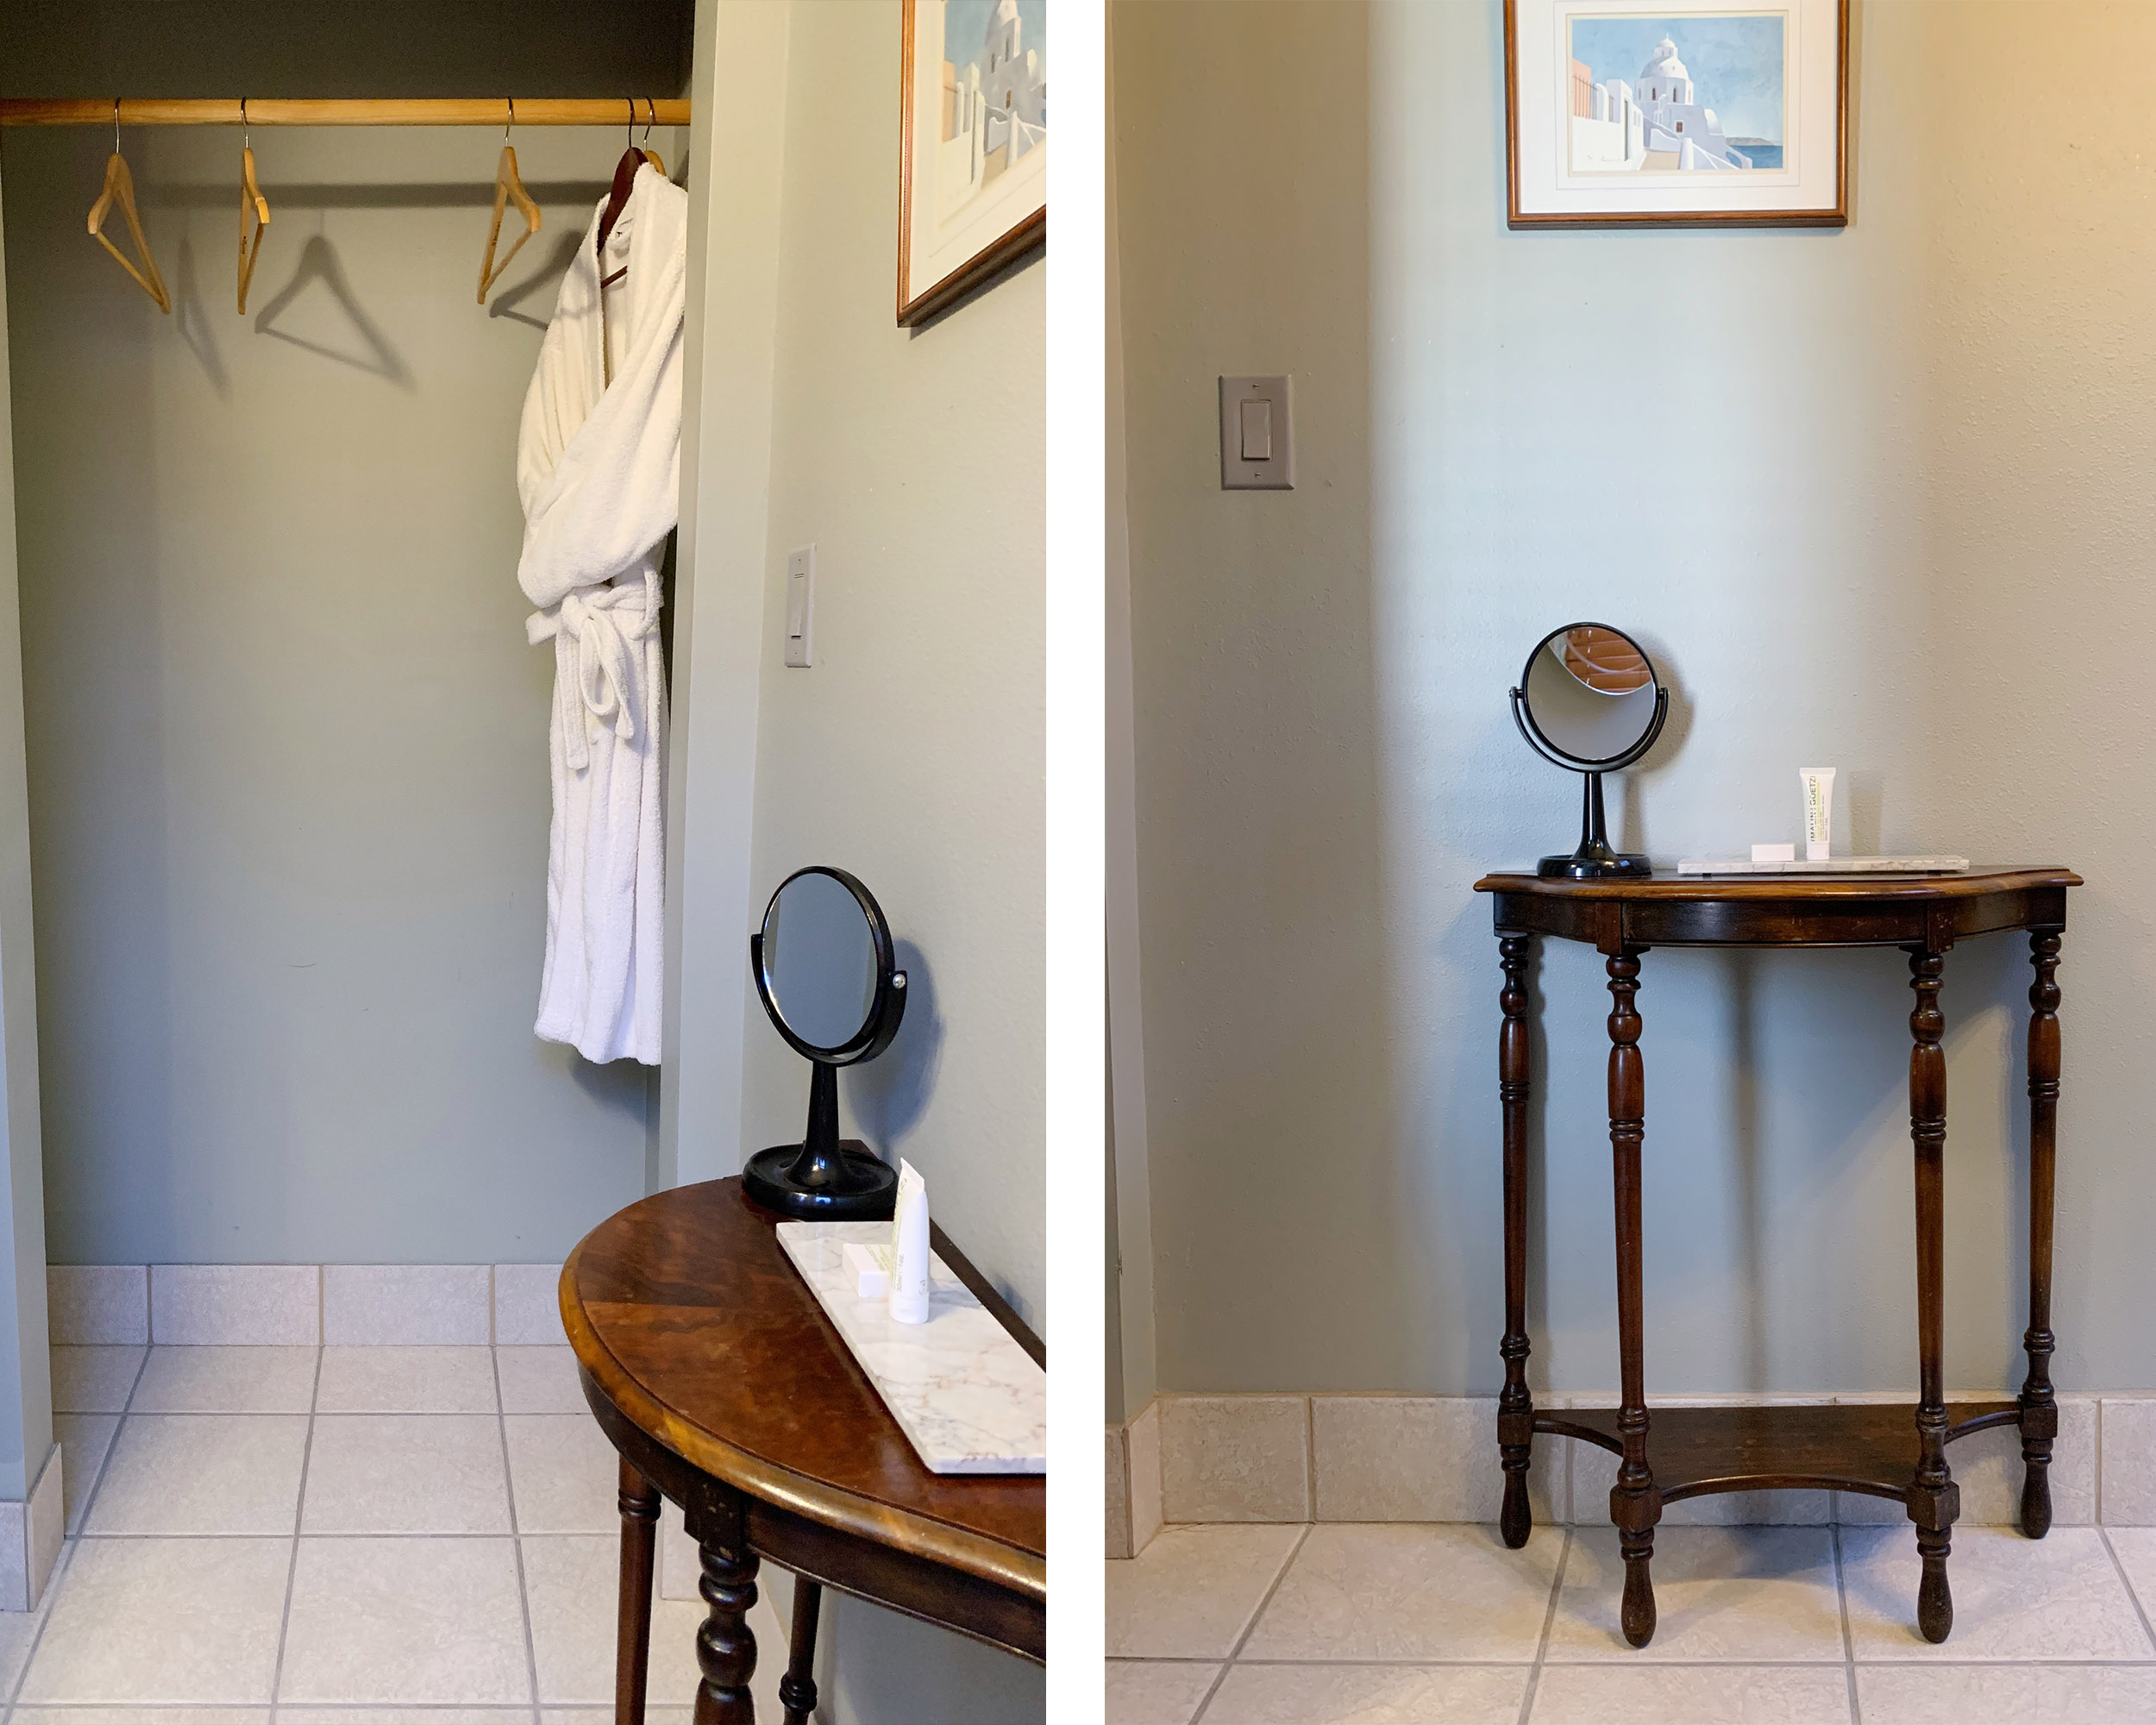 bath and bath stand